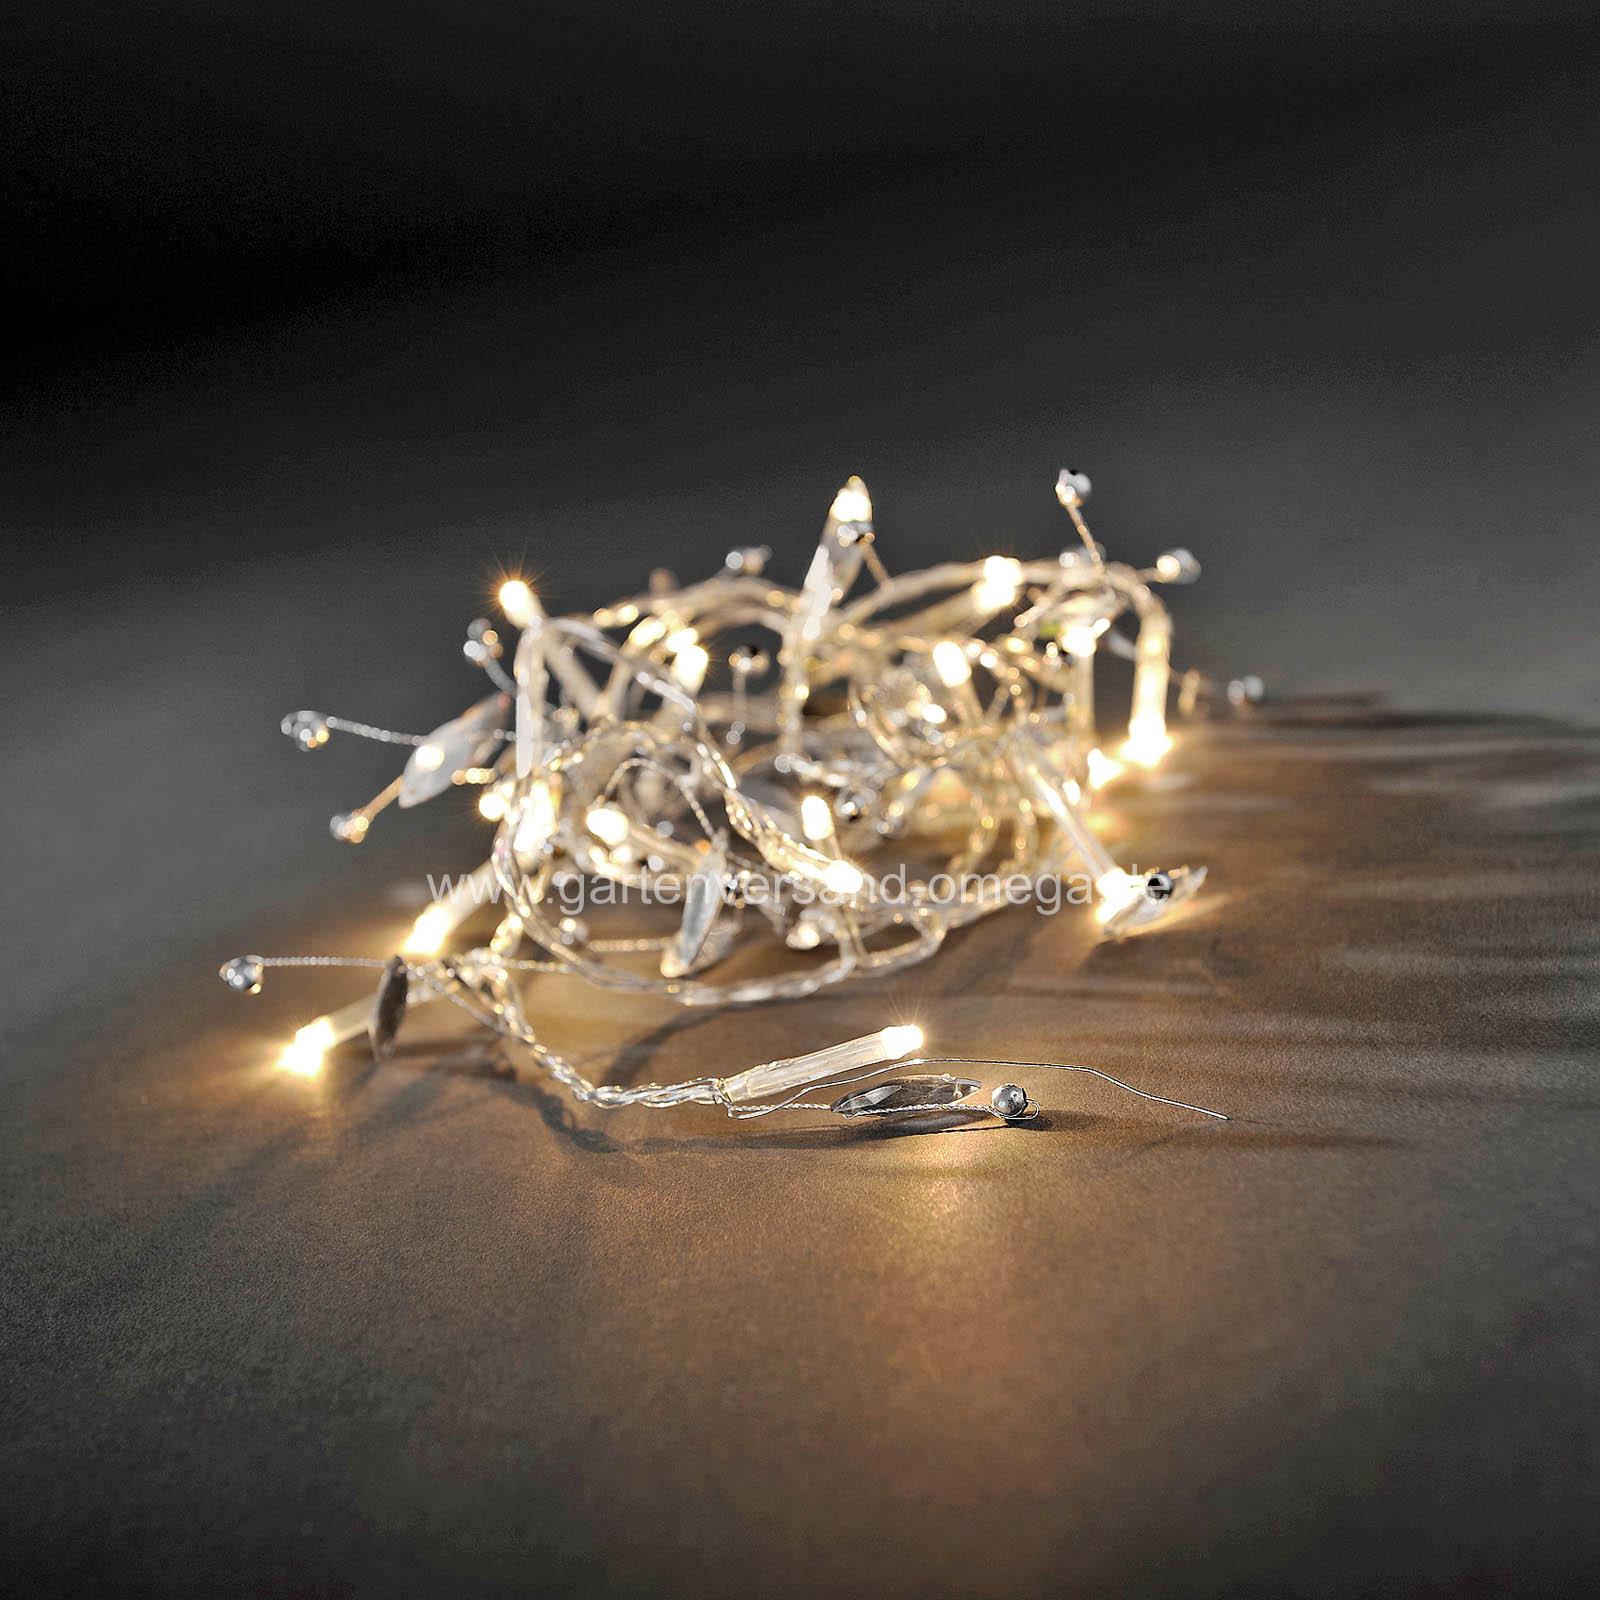 led dekolichterkette mit glasperlen batteriebetriebene lichterkette perlenlichterkette. Black Bedroom Furniture Sets. Home Design Ideas